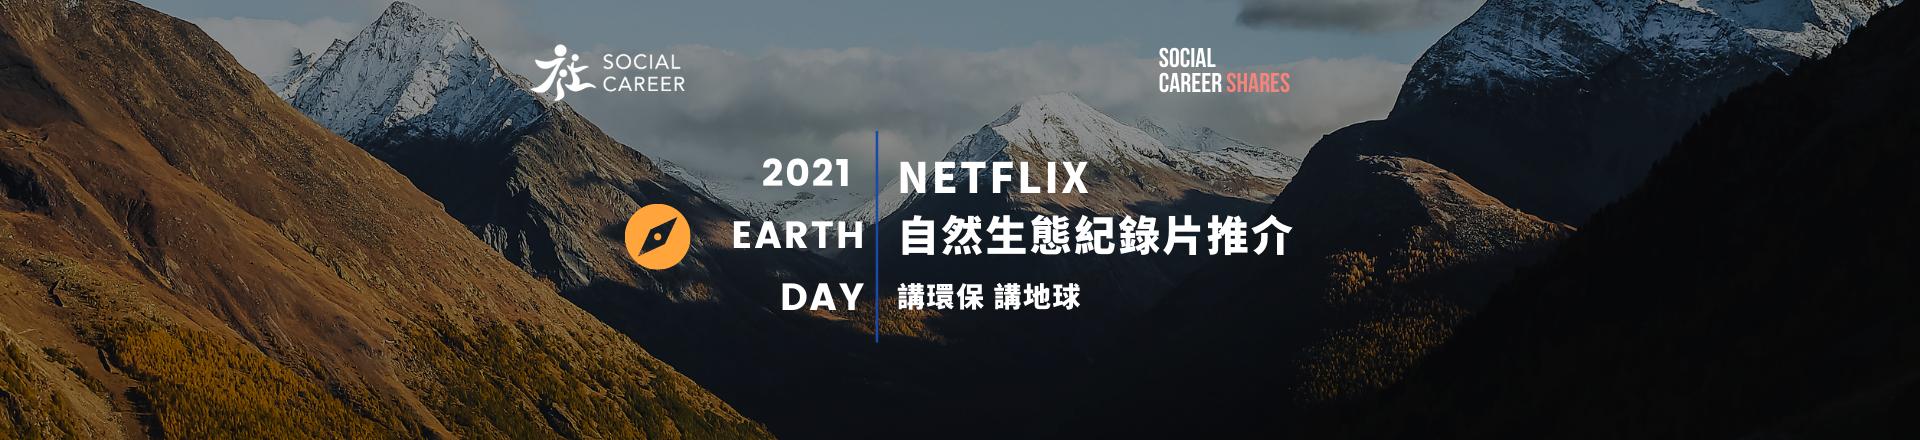 Netflix自然生態紀錄片推介 世界地球日